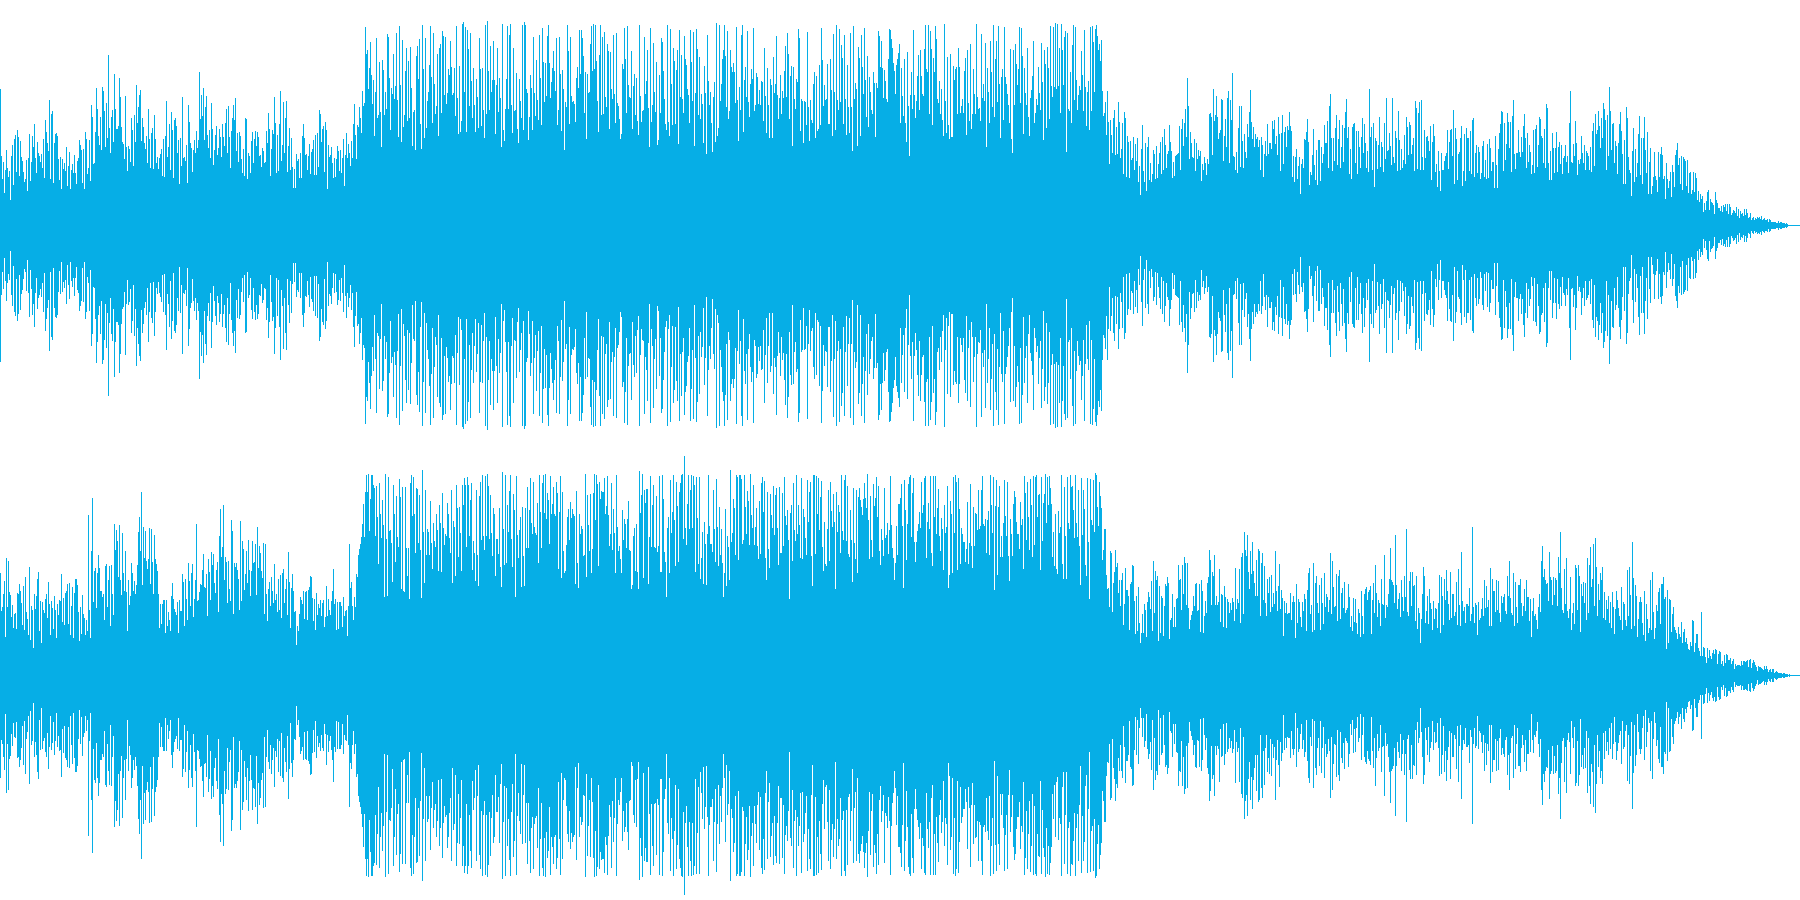 不気味/ホラー/暗いの再生済みの波形